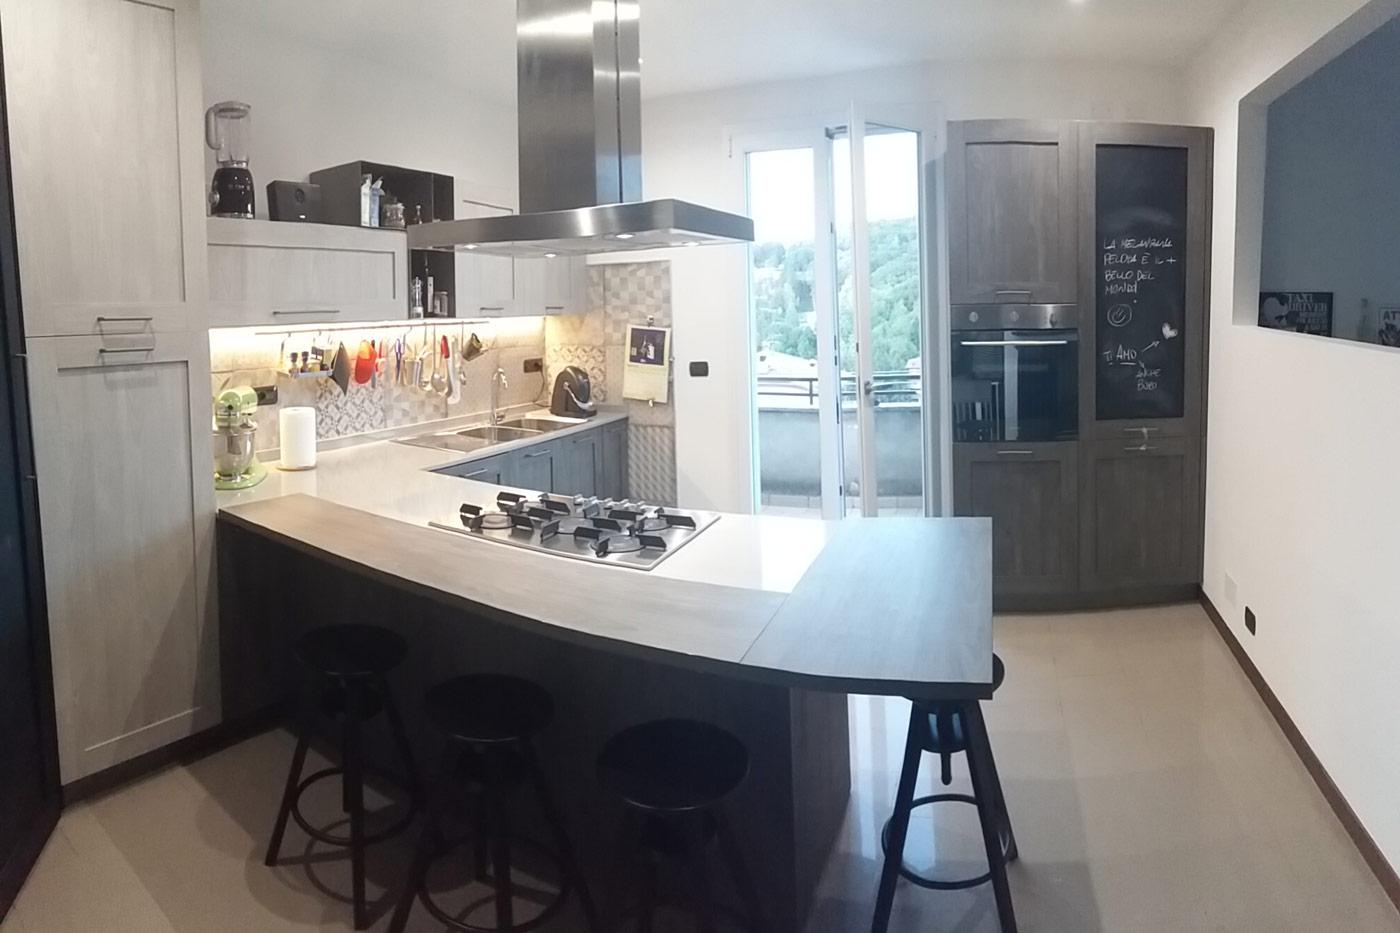 Frignano design progettazione e arredo per interni pavullo - Cucine con cappa centrale ...